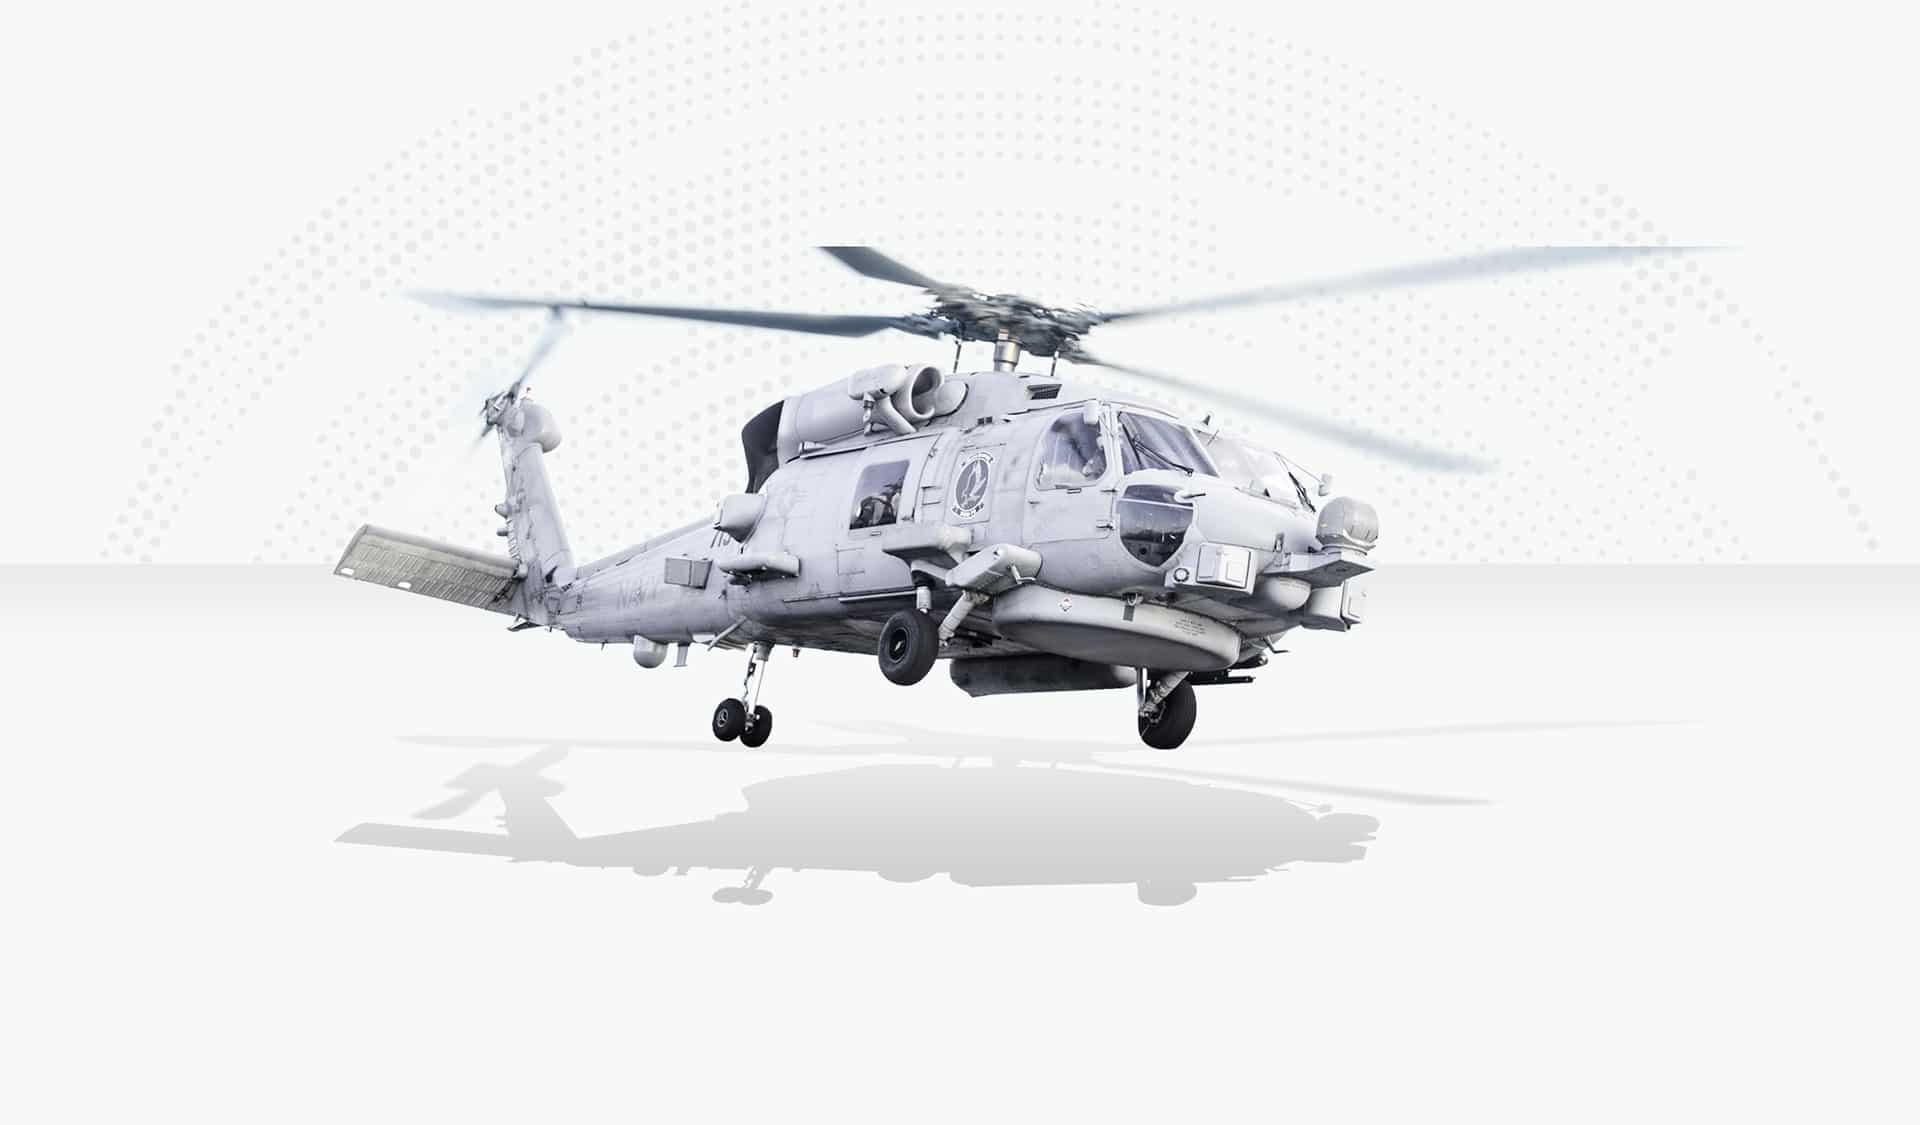 لوكهيد مارتن تبرم عقد بقيمة 447 مليون دولار لشراء طائرات هليكوبتر MH-60R مع كوريا الجنوبية